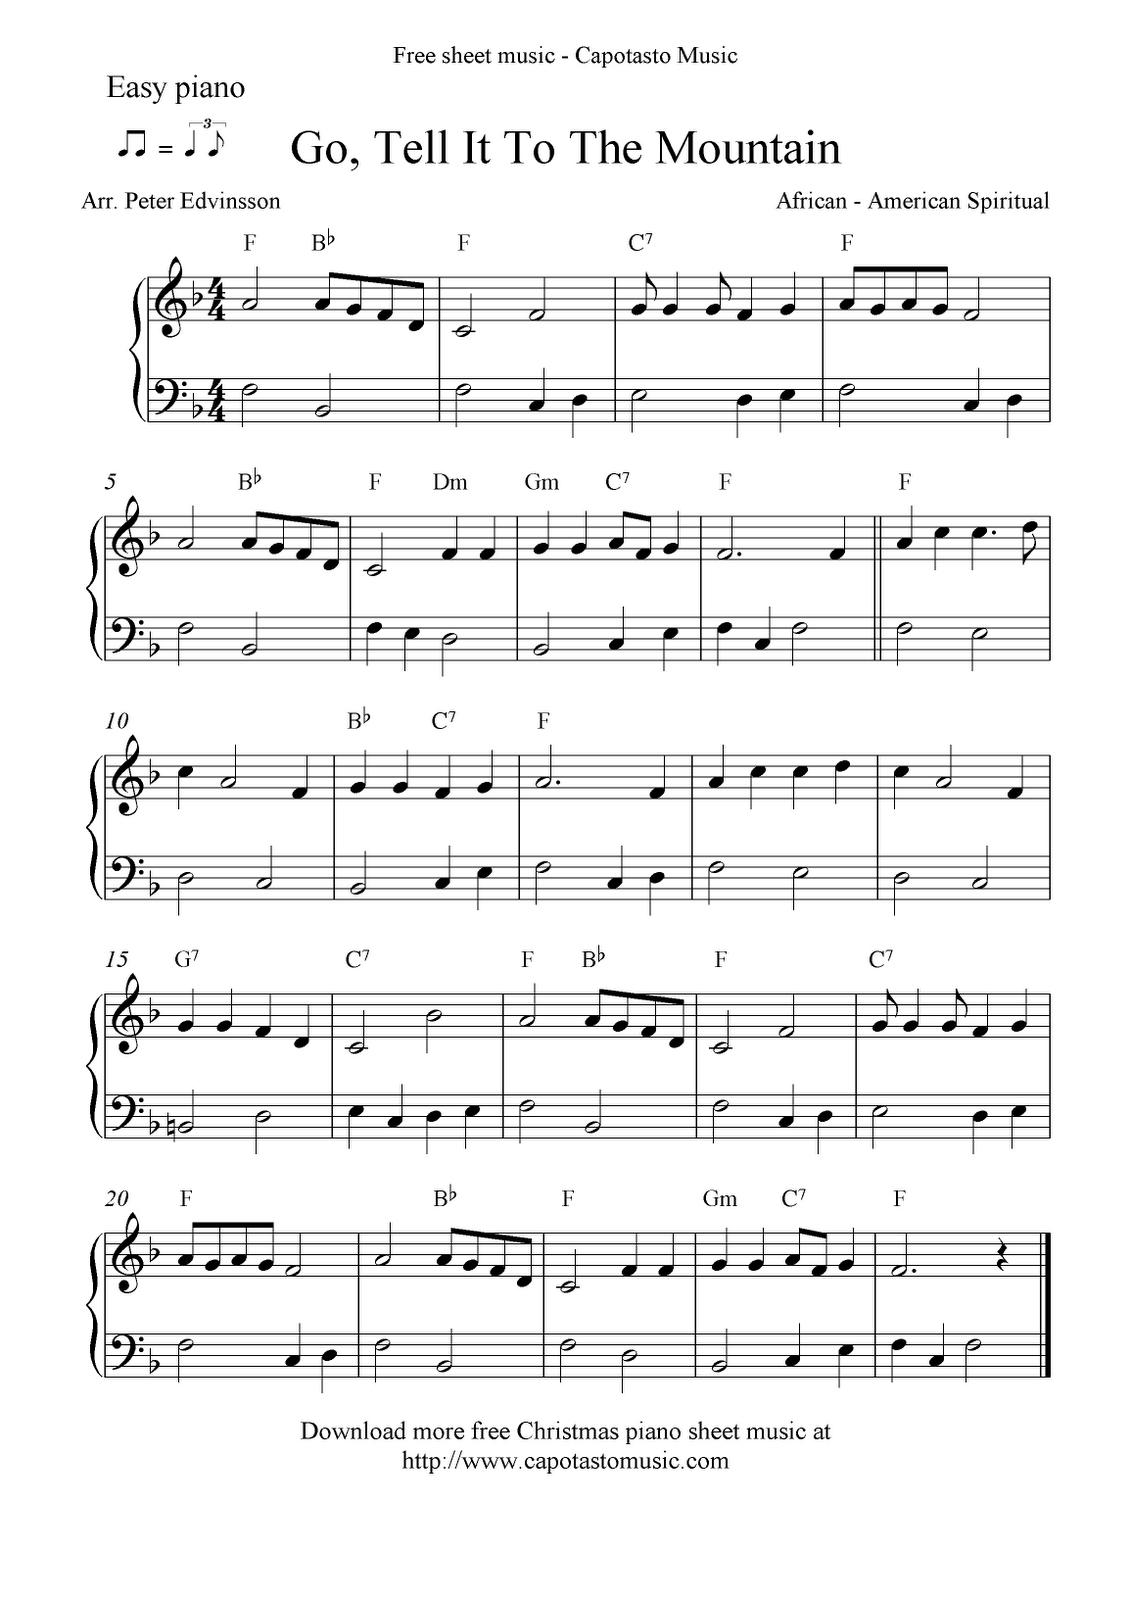 Free Printable Christmas Music Sheets Piano – Festival Collections - Free Printable Christmas Music Sheets Piano